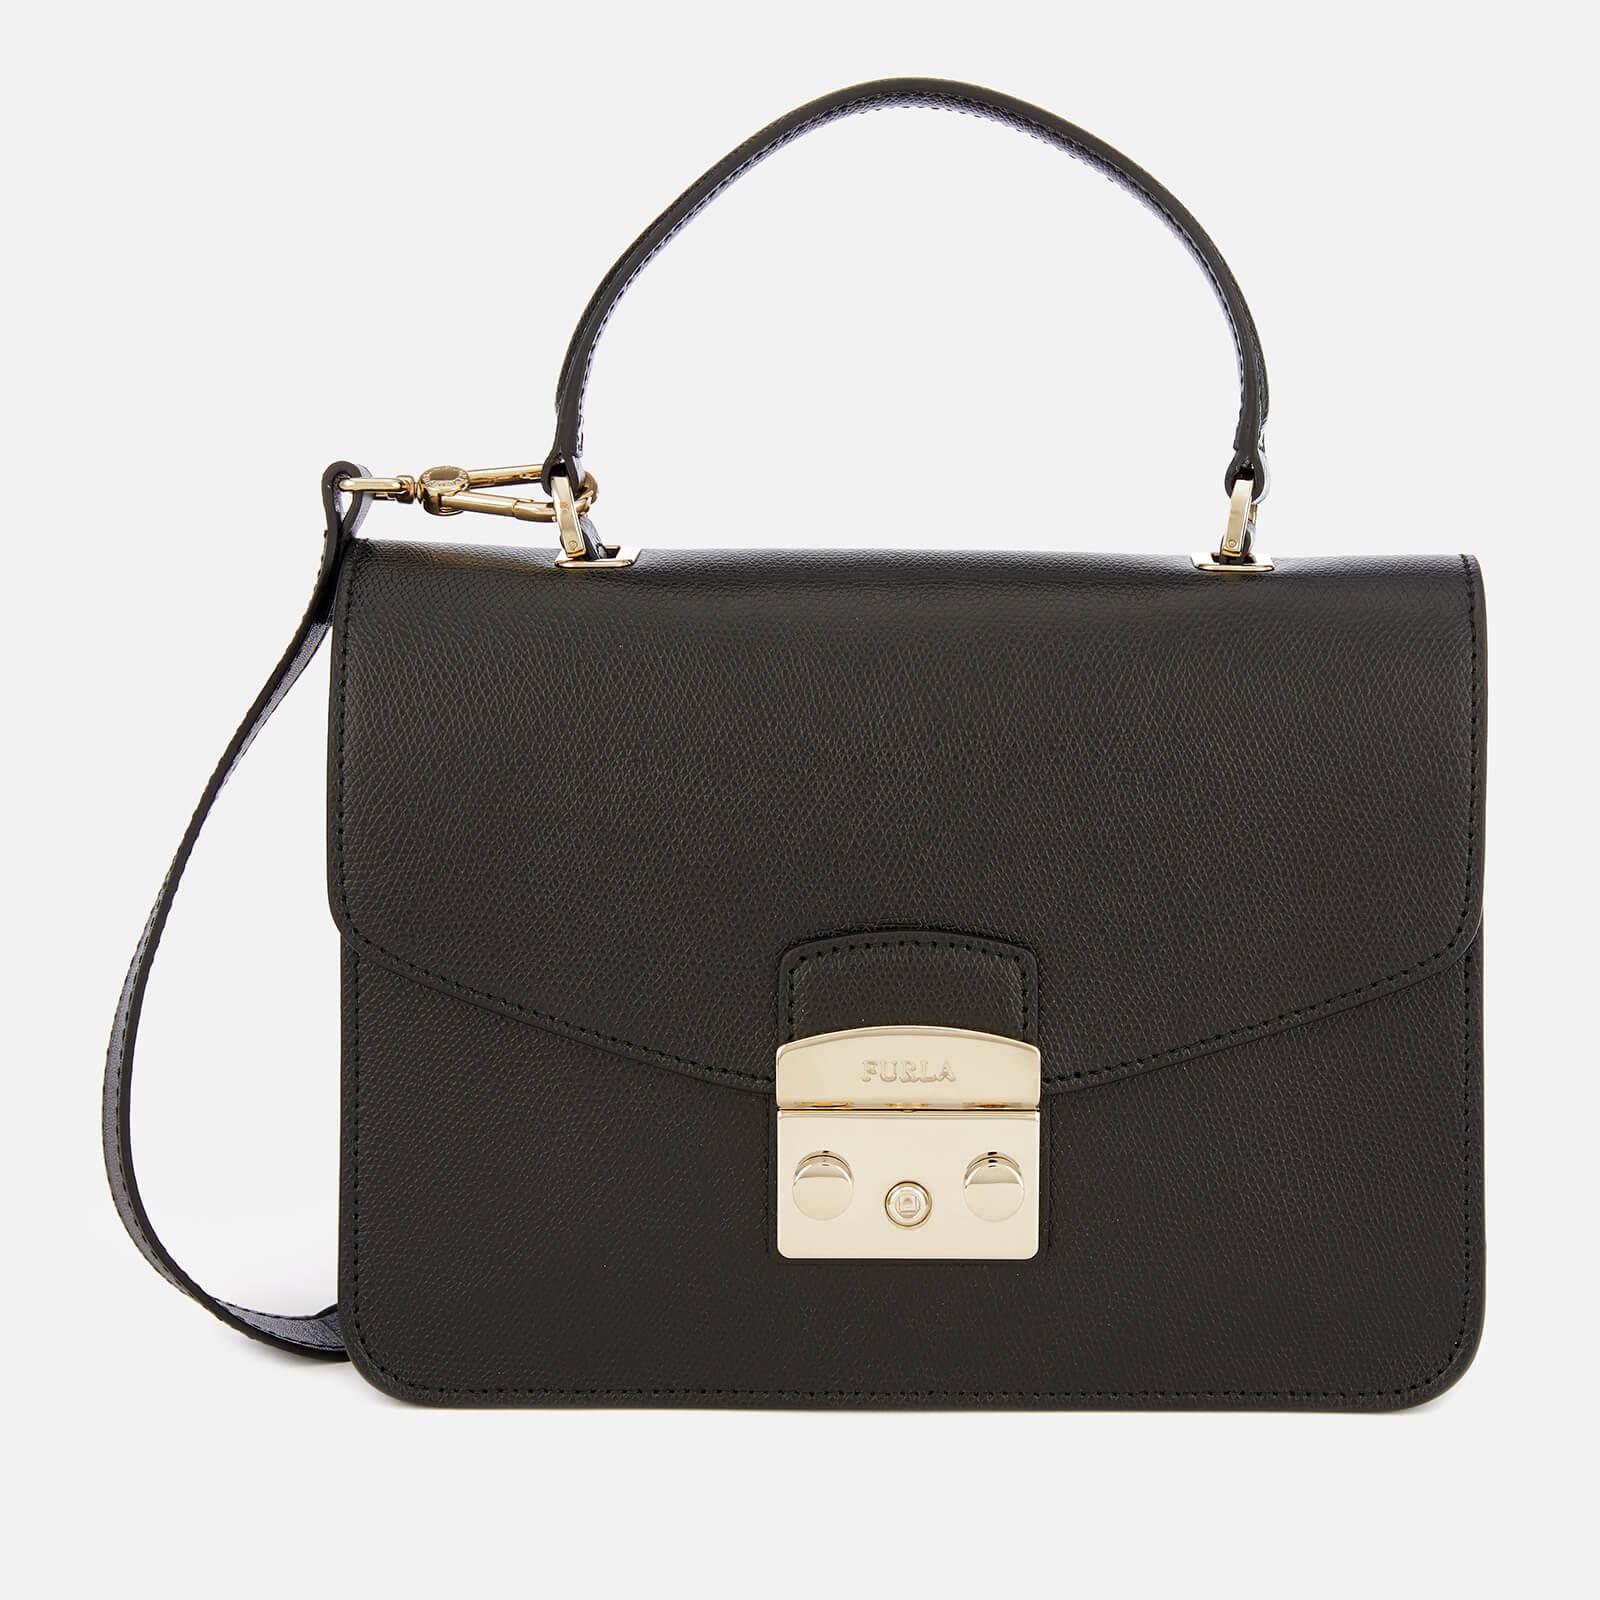 Furla Women's Metropolis Small Top Handle Bag - Black